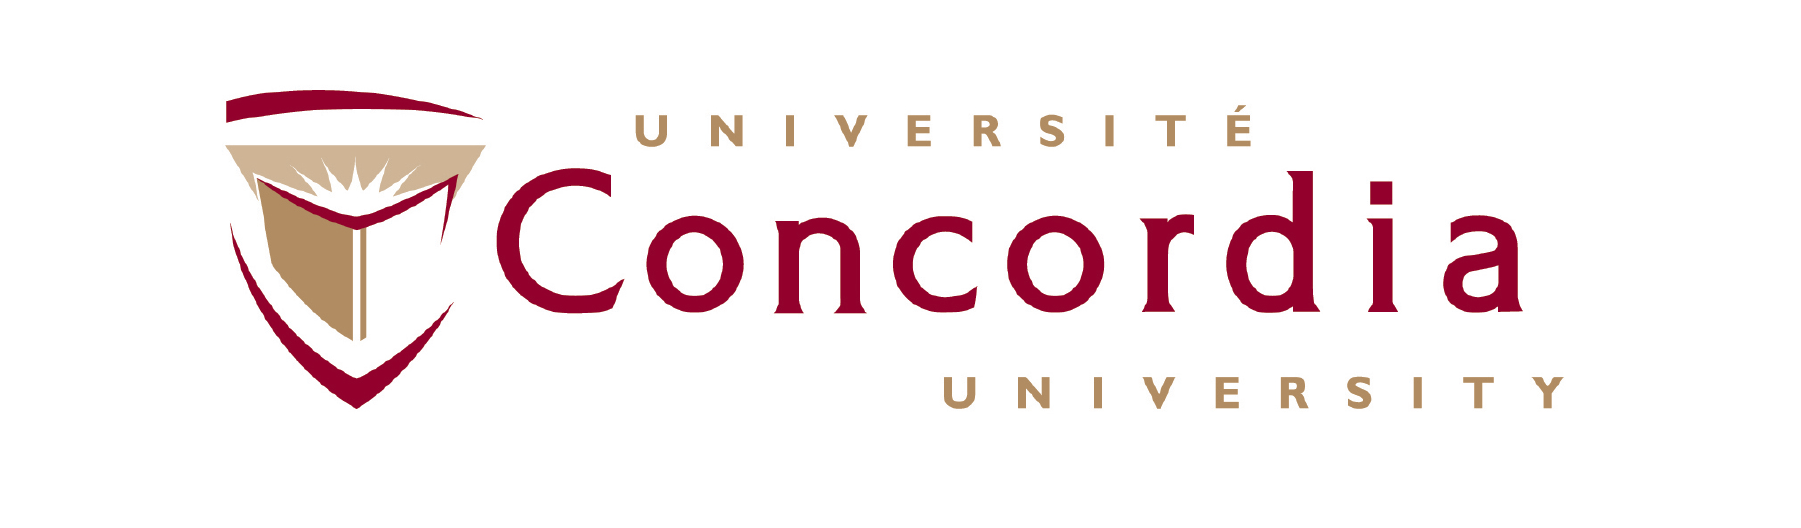 UConcordia